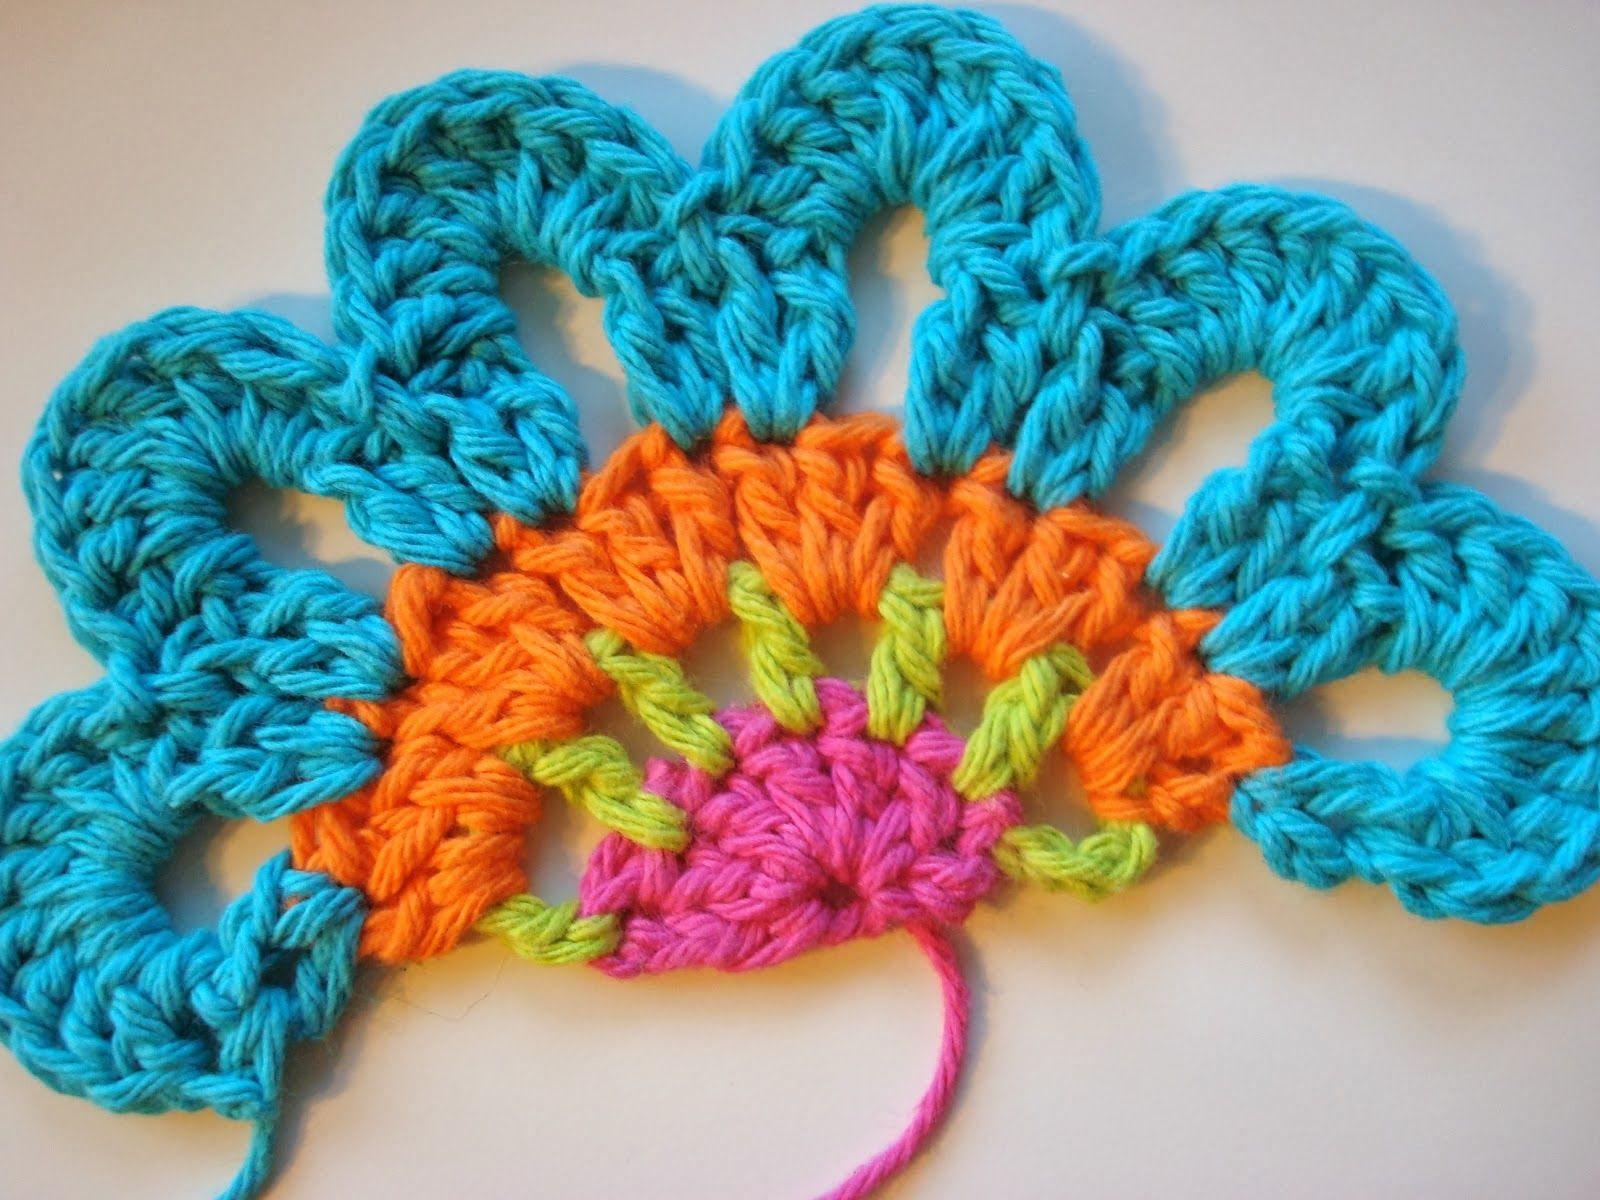 Carine Strieder e seus Crochês: Cortina de Flores em Crochê